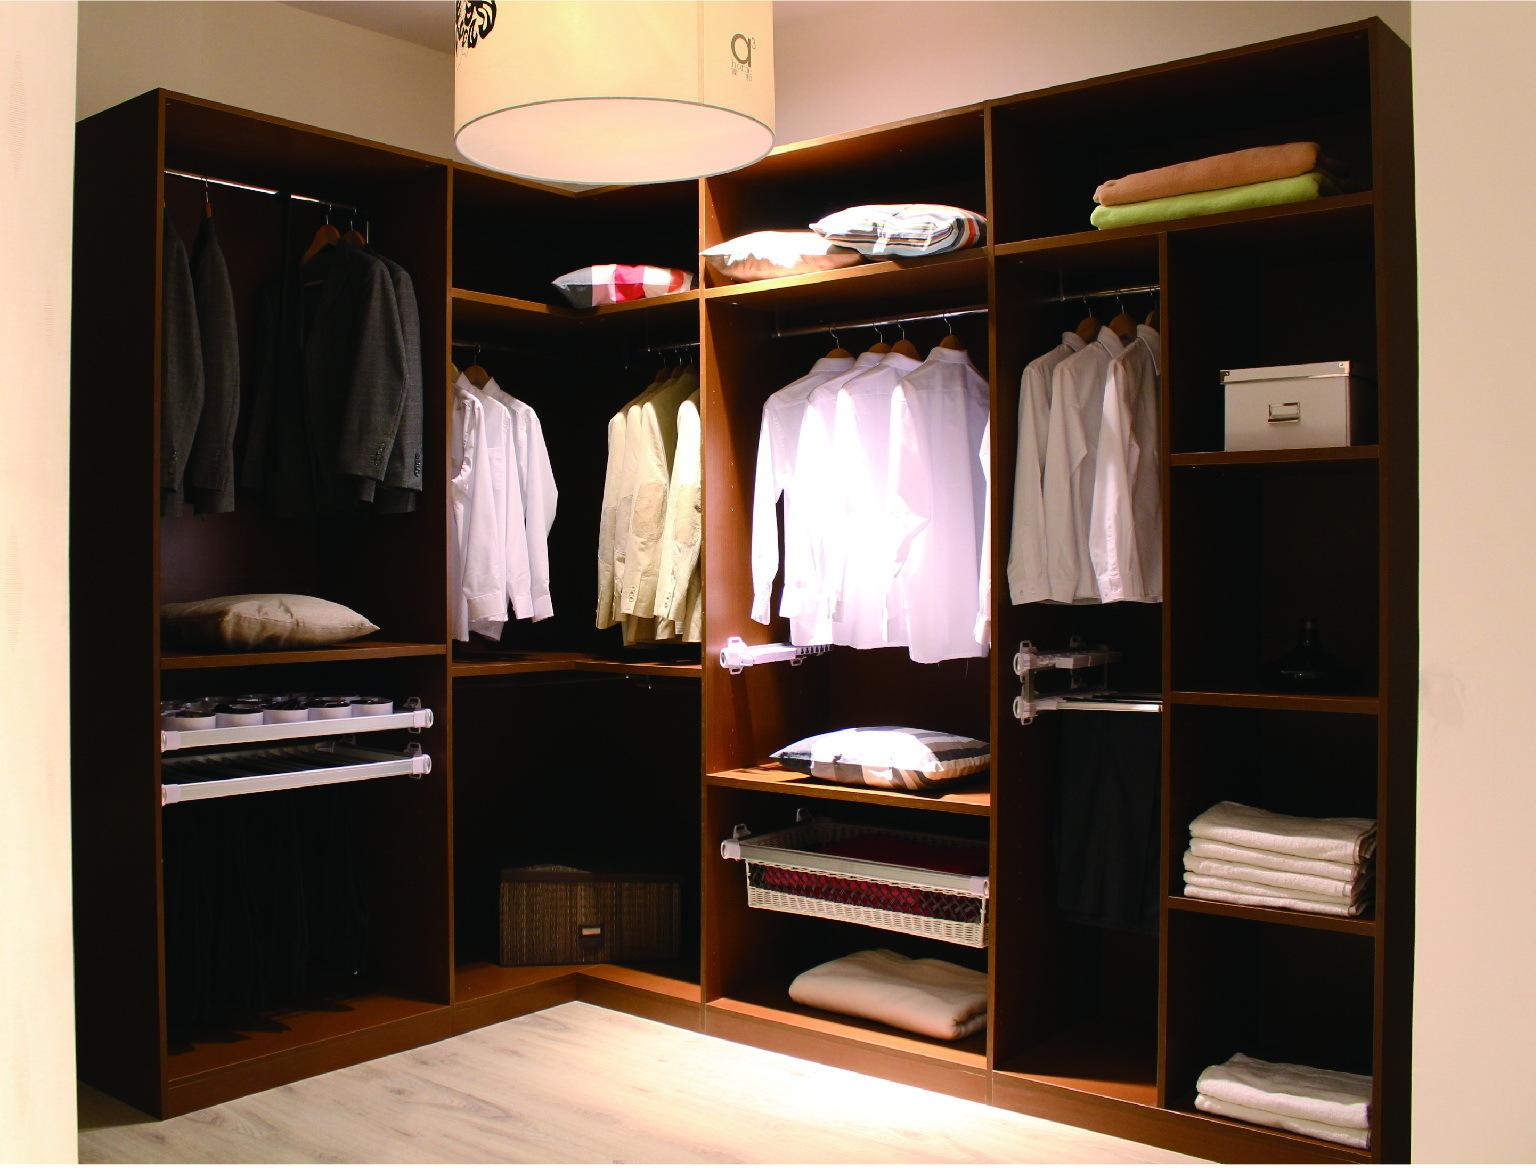 5米的床 衣柜`方便带上`设计图或者其他好的建议`好的加分` =========